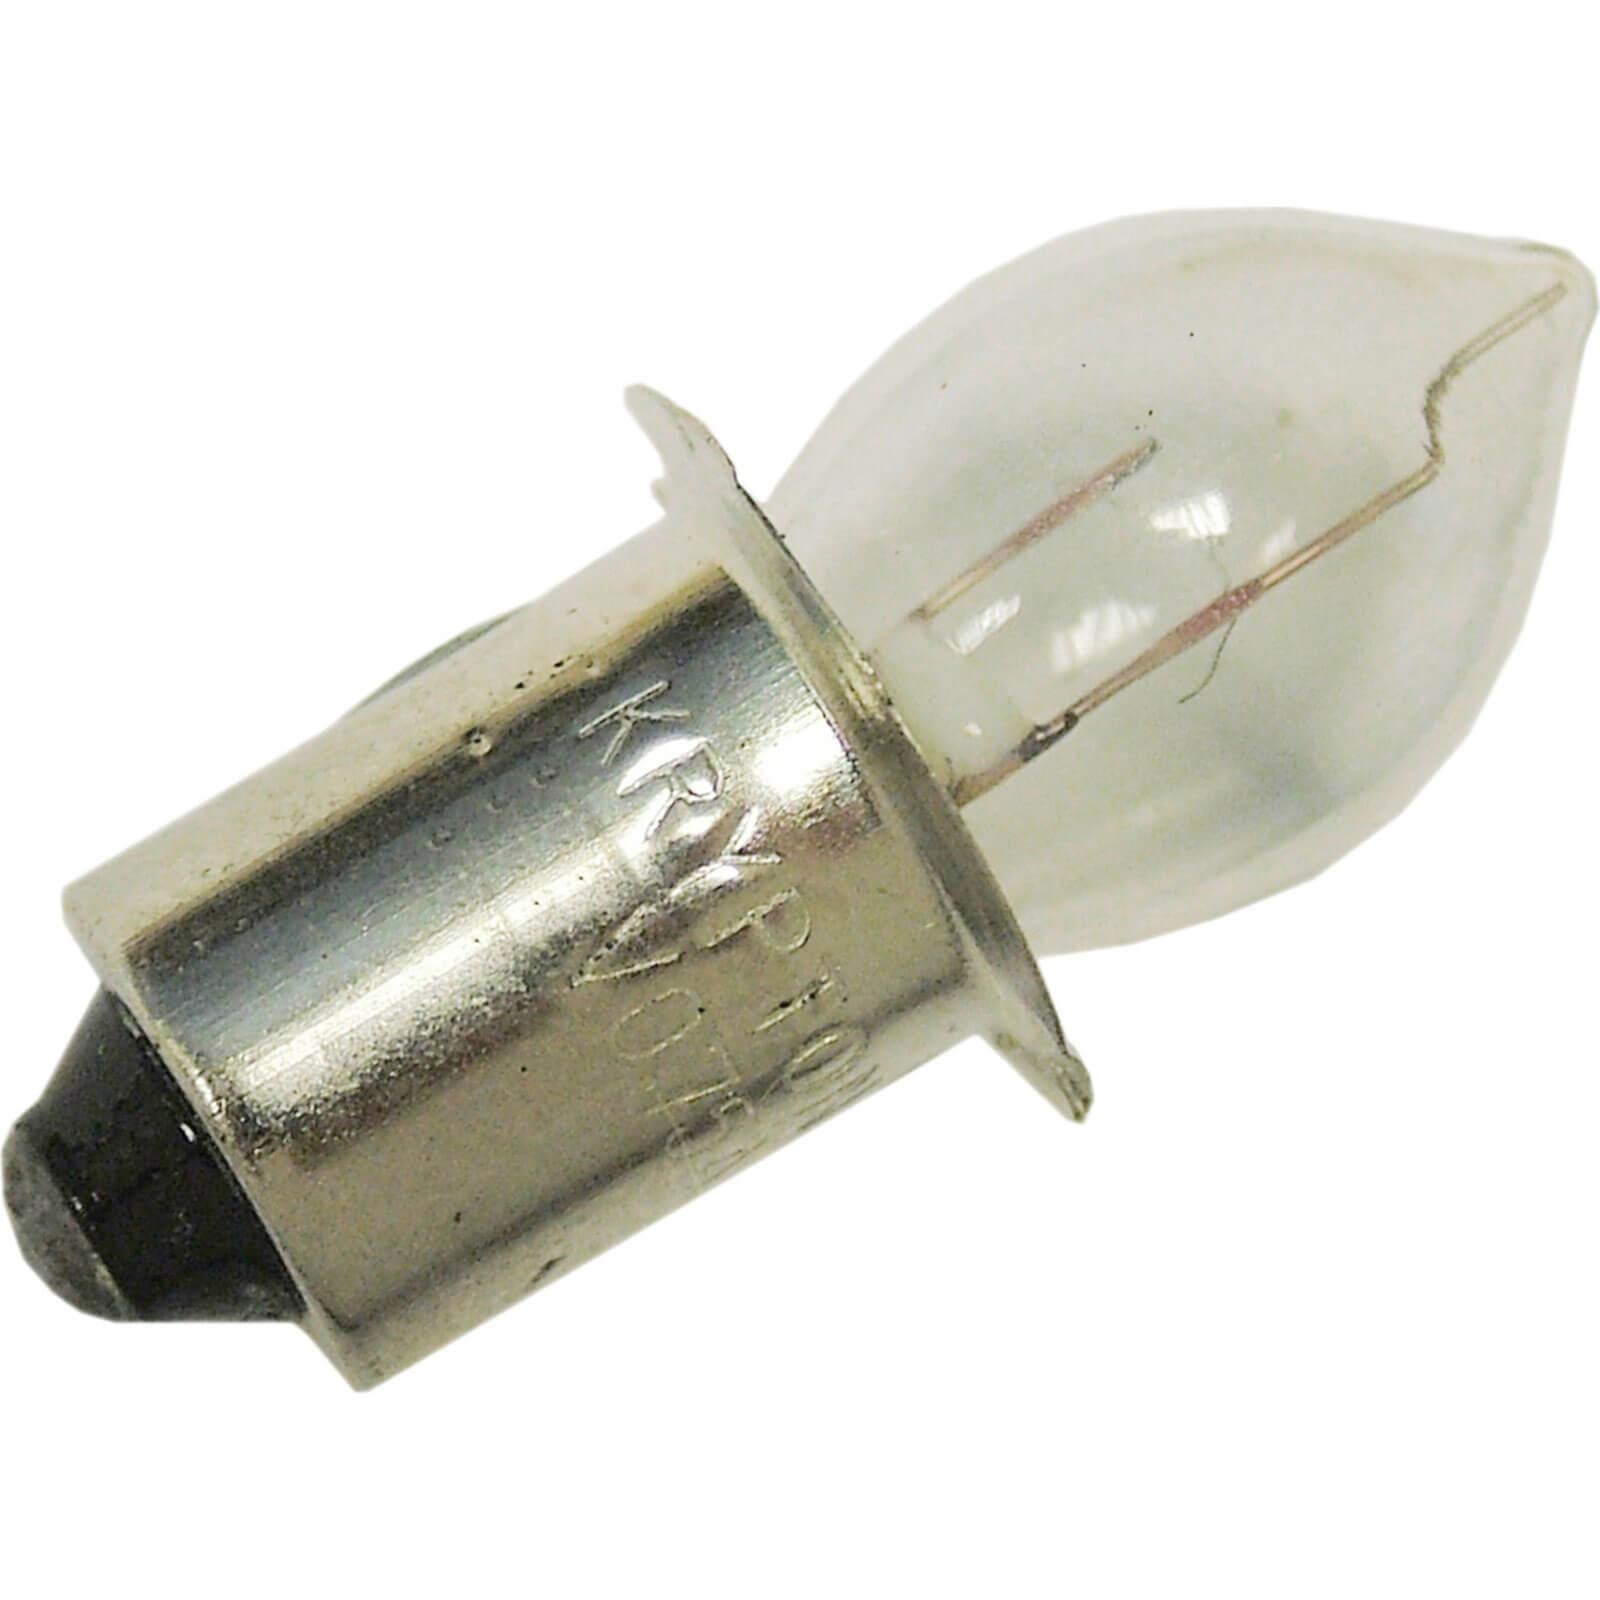 Image of Lighthouse Krypton Bulbs 3.6v Push R3D Pack of 2